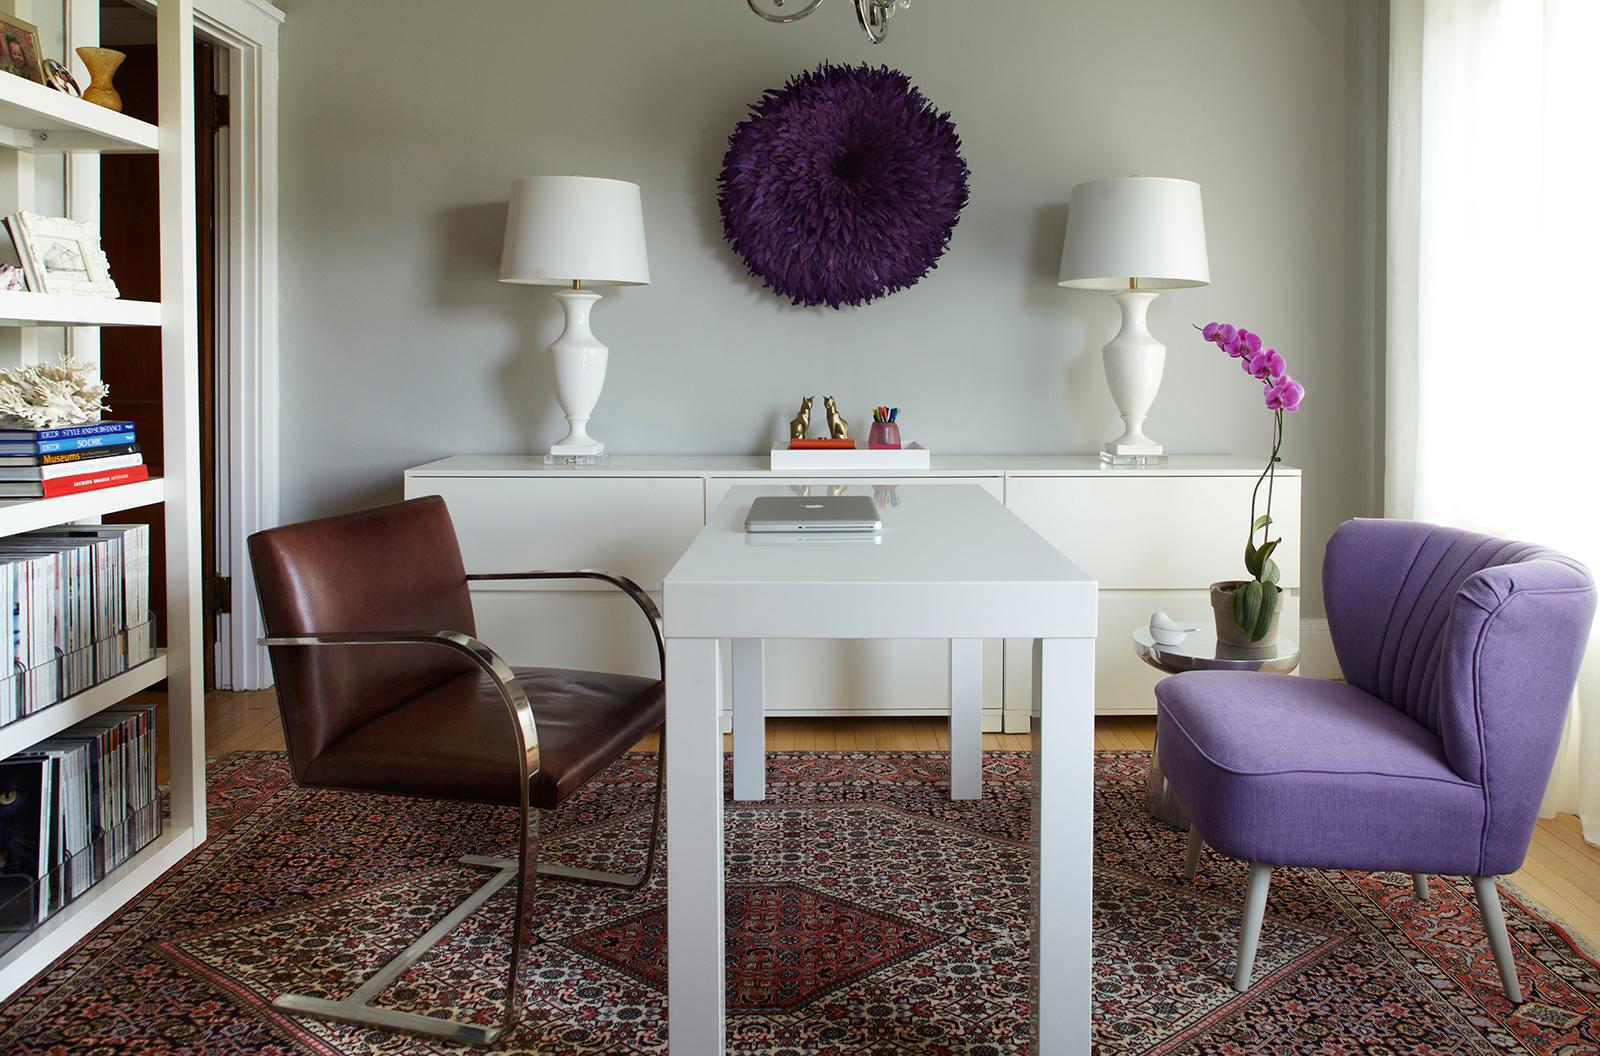 Mandarina Studio :: Boston interior design contemporary bold color